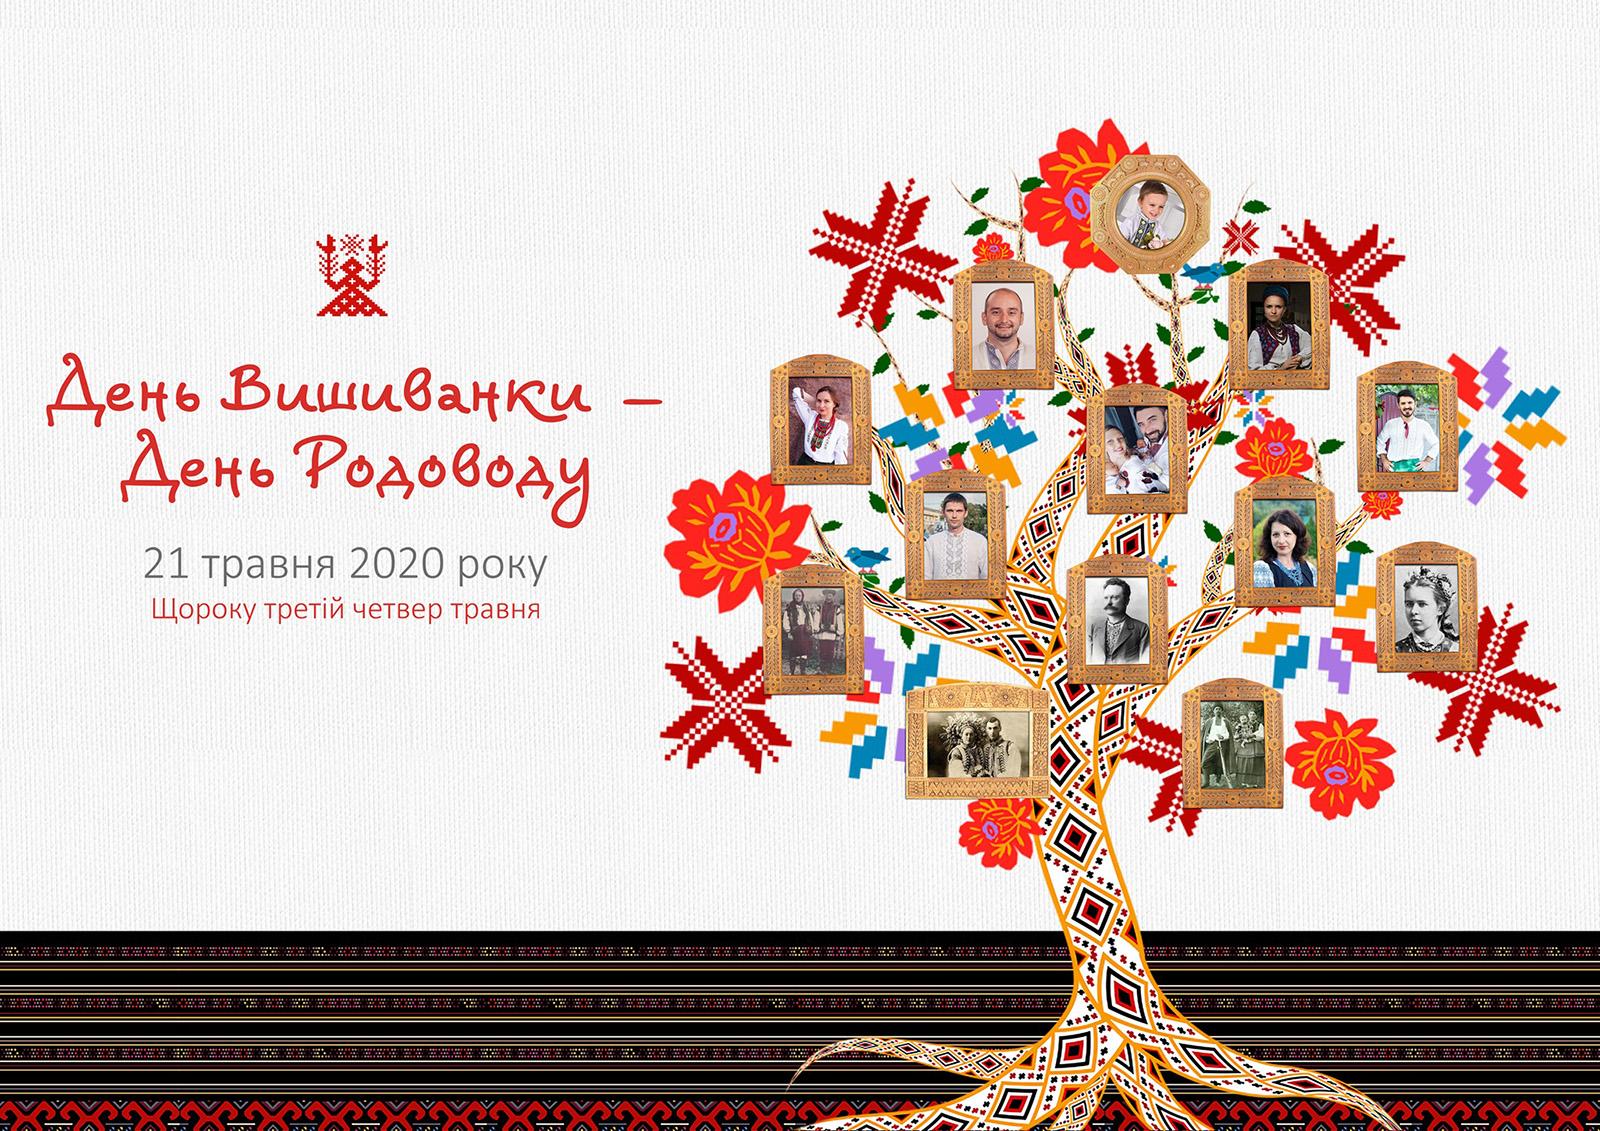 День вишиванки 2020 присвячується українській родині та родоводу ...